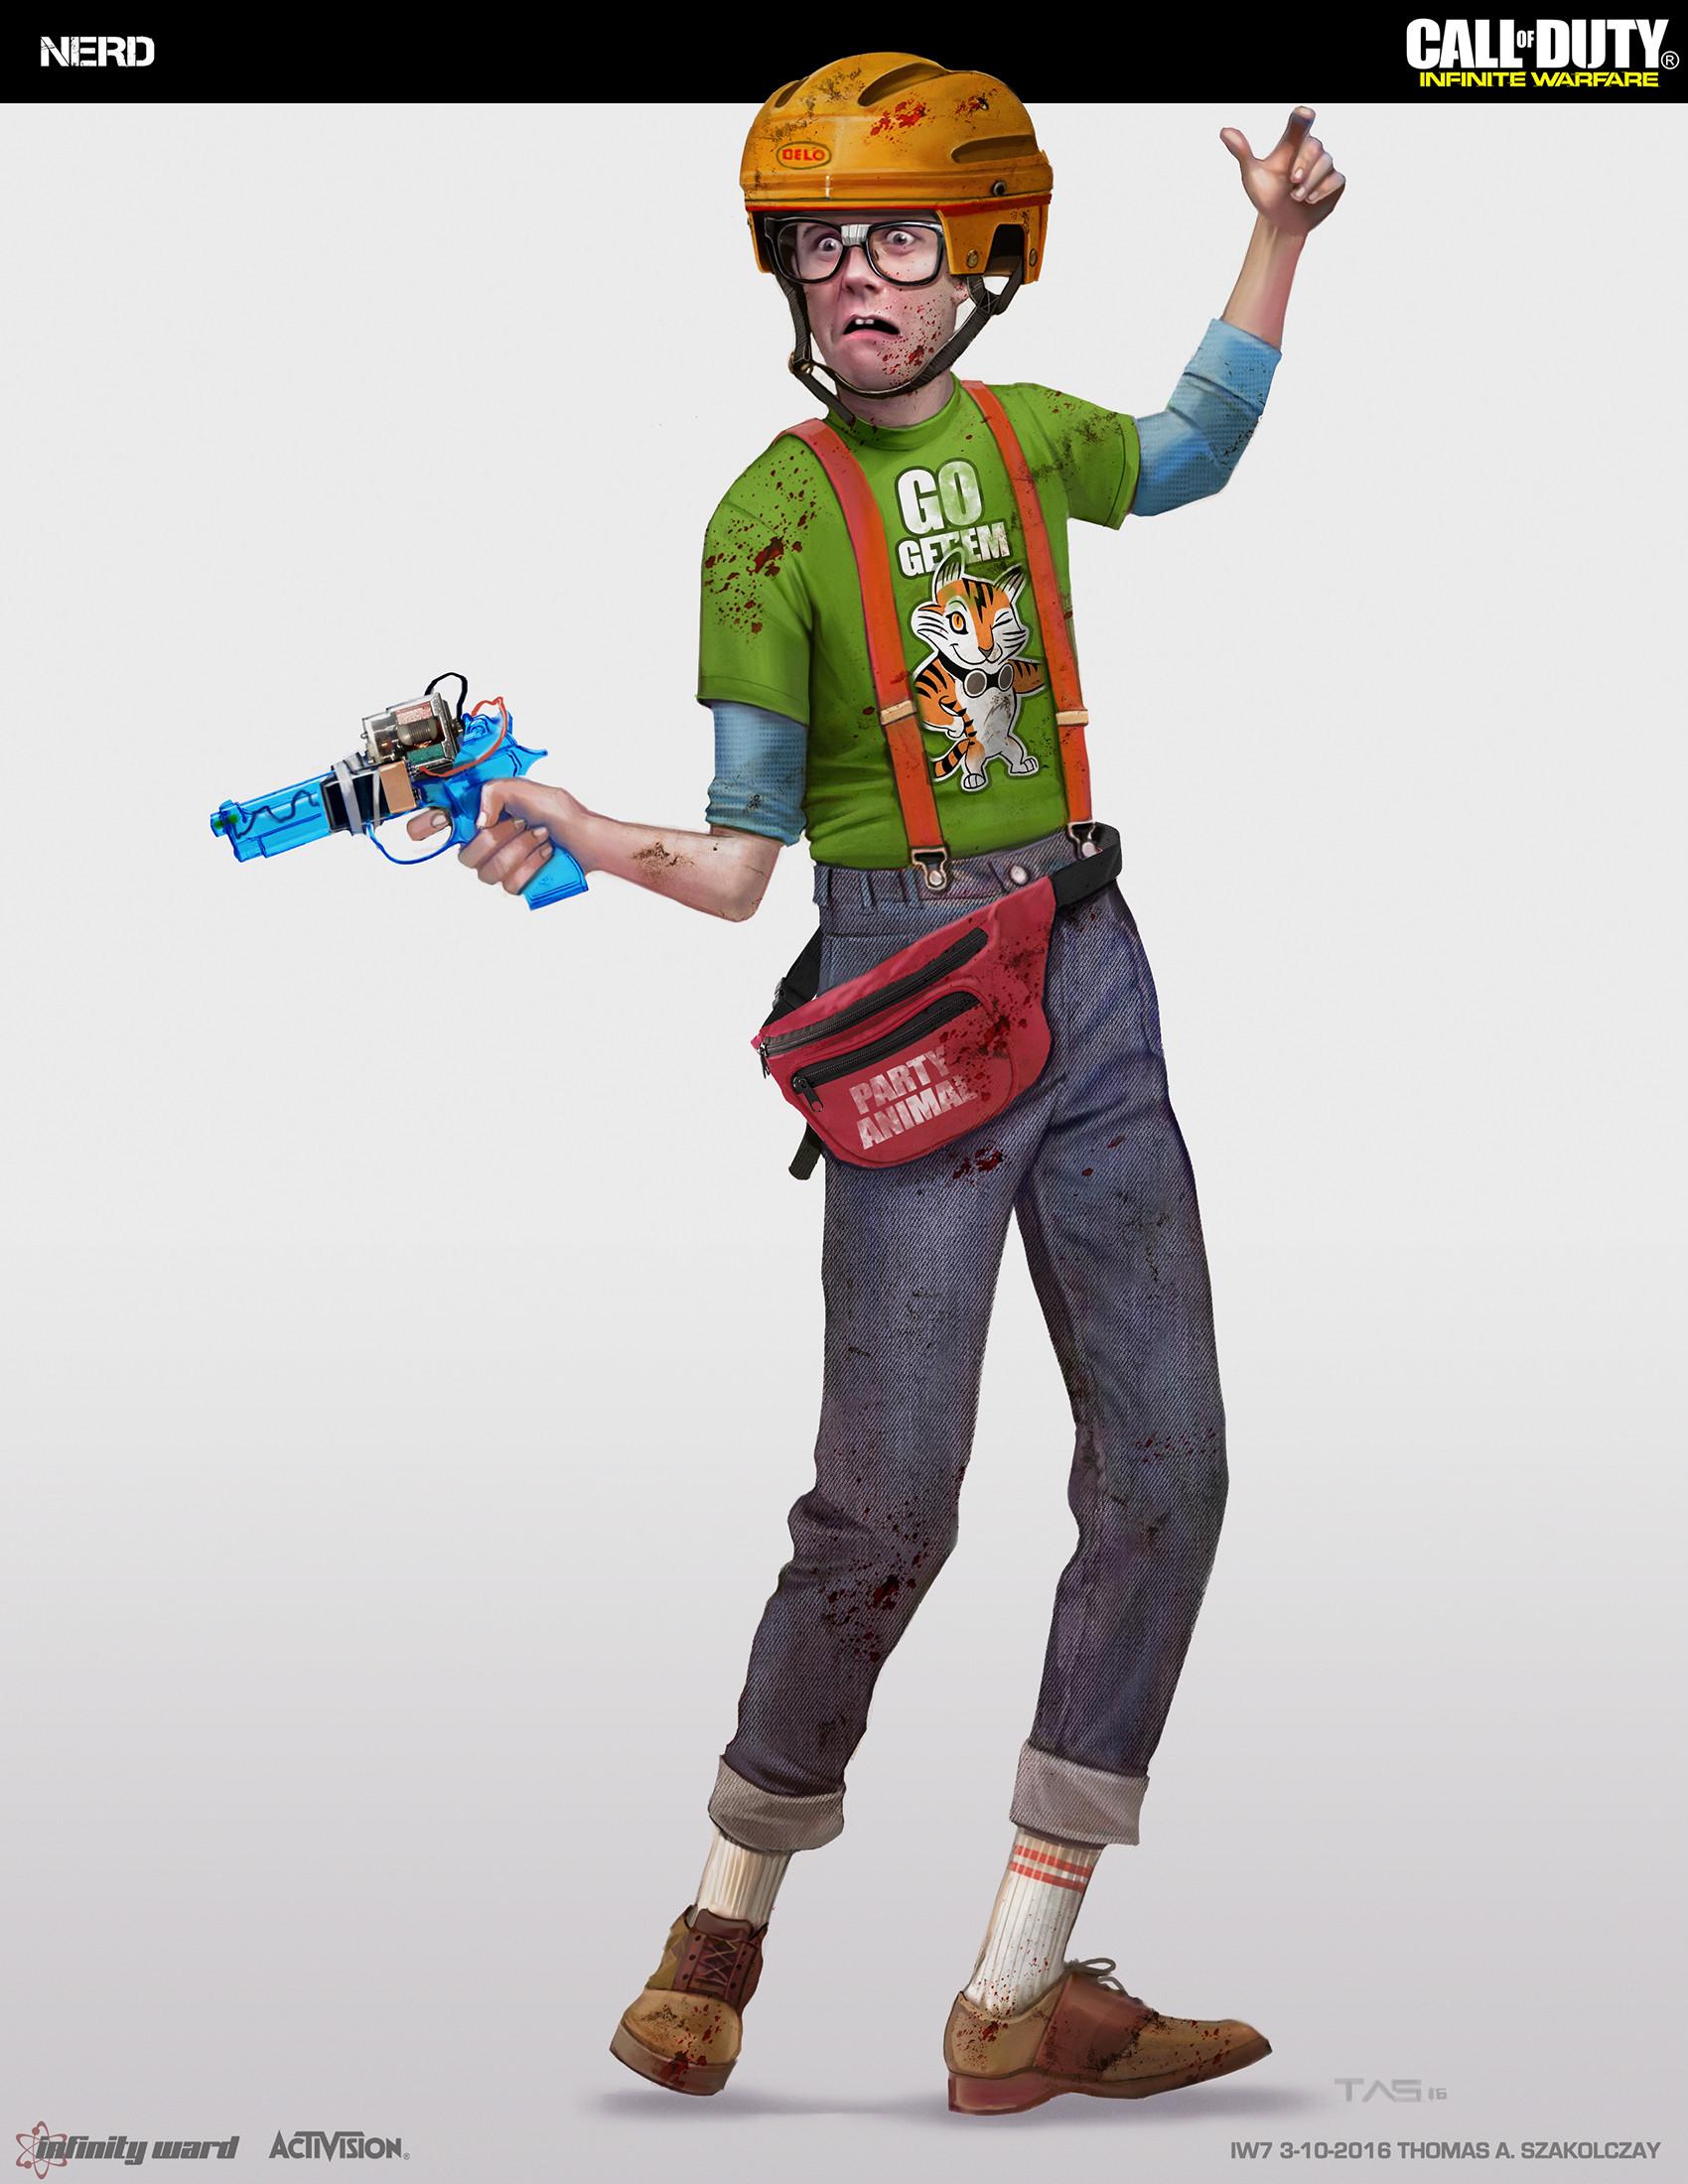 Thomas a szakolczay zom maincast nerd